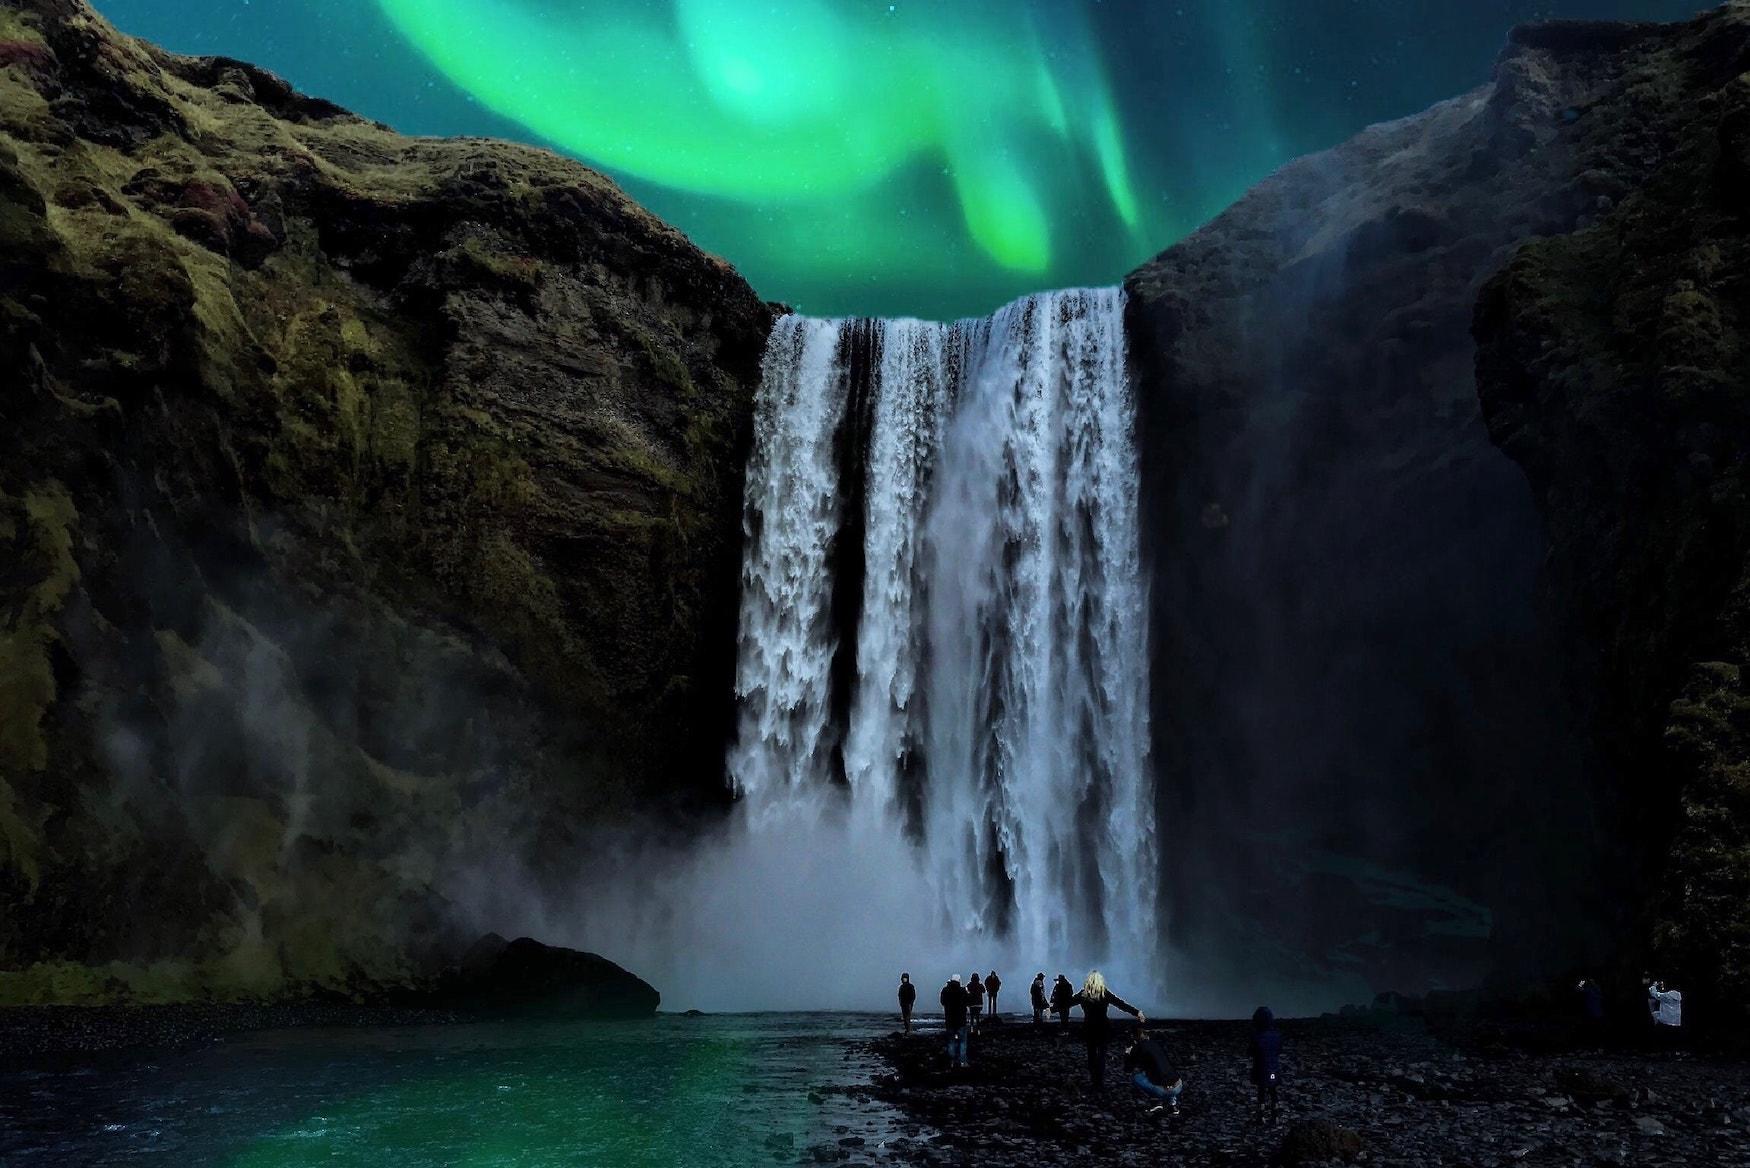 Grüne Polarlichter über tosendem Wasserfall bei Nacht